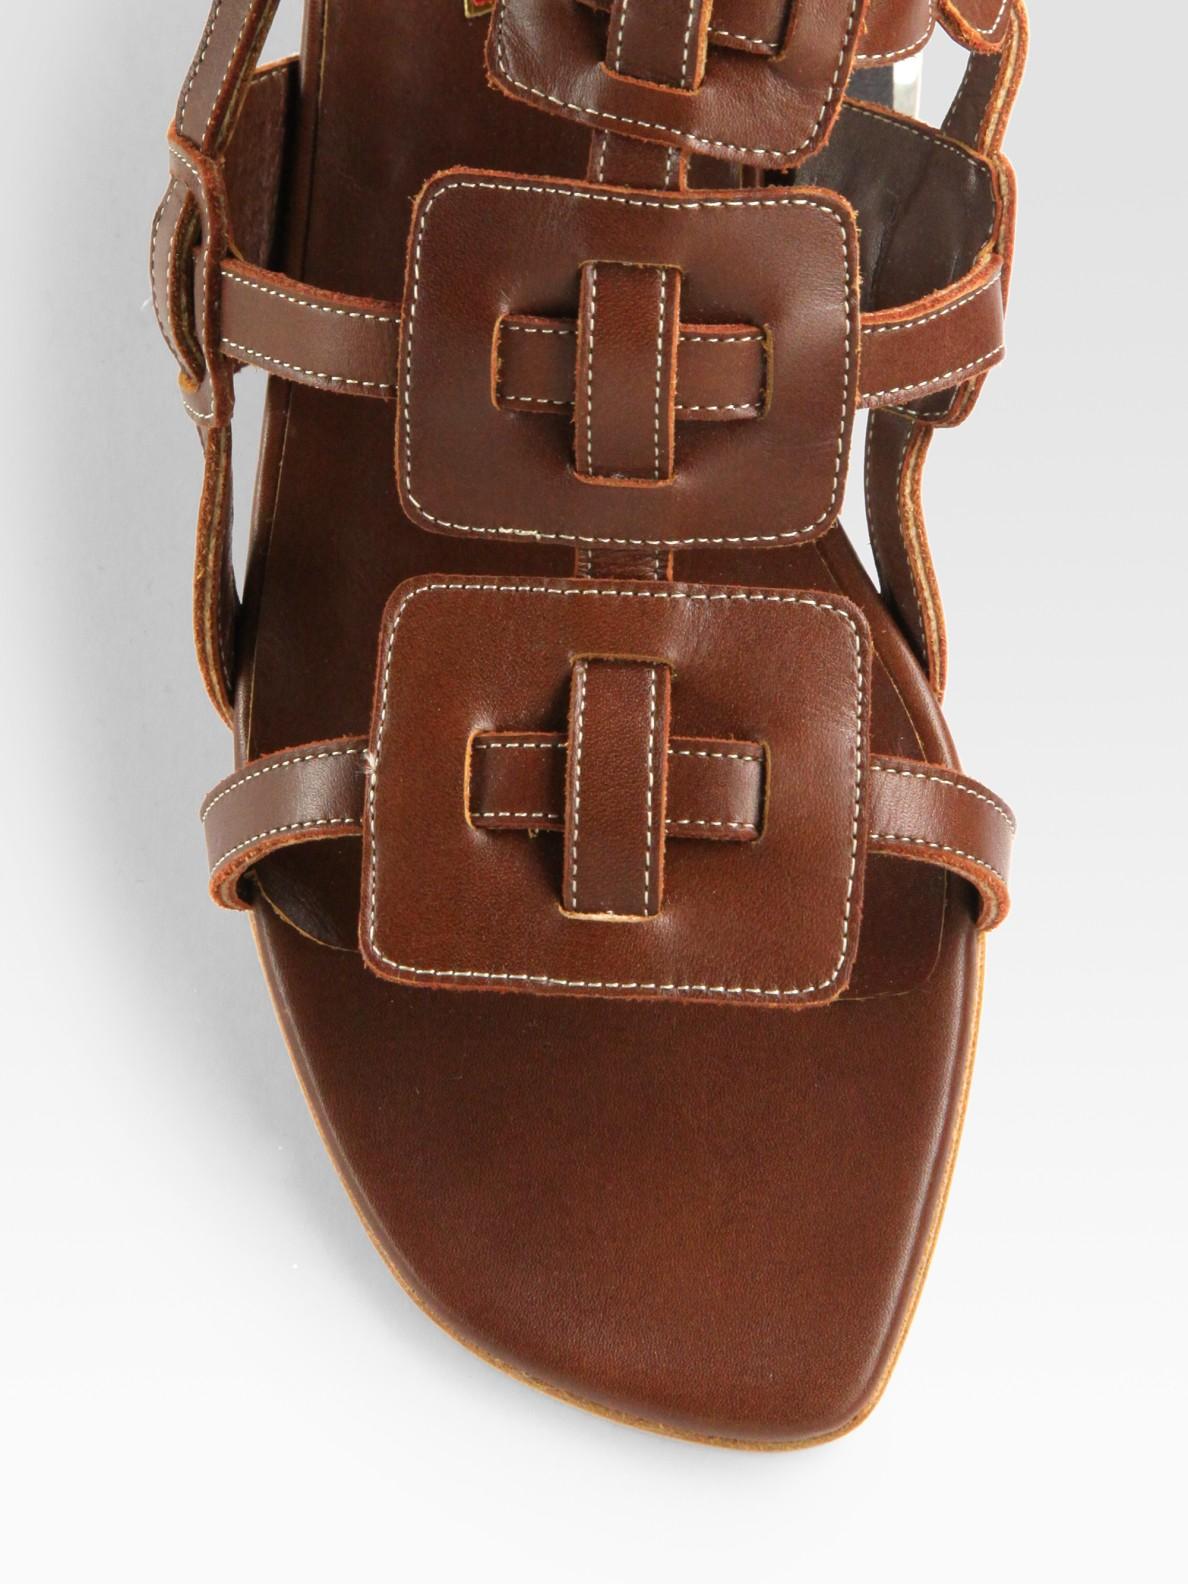 Lyst Christian Louboutin Rose Du Desert Leather Sandals